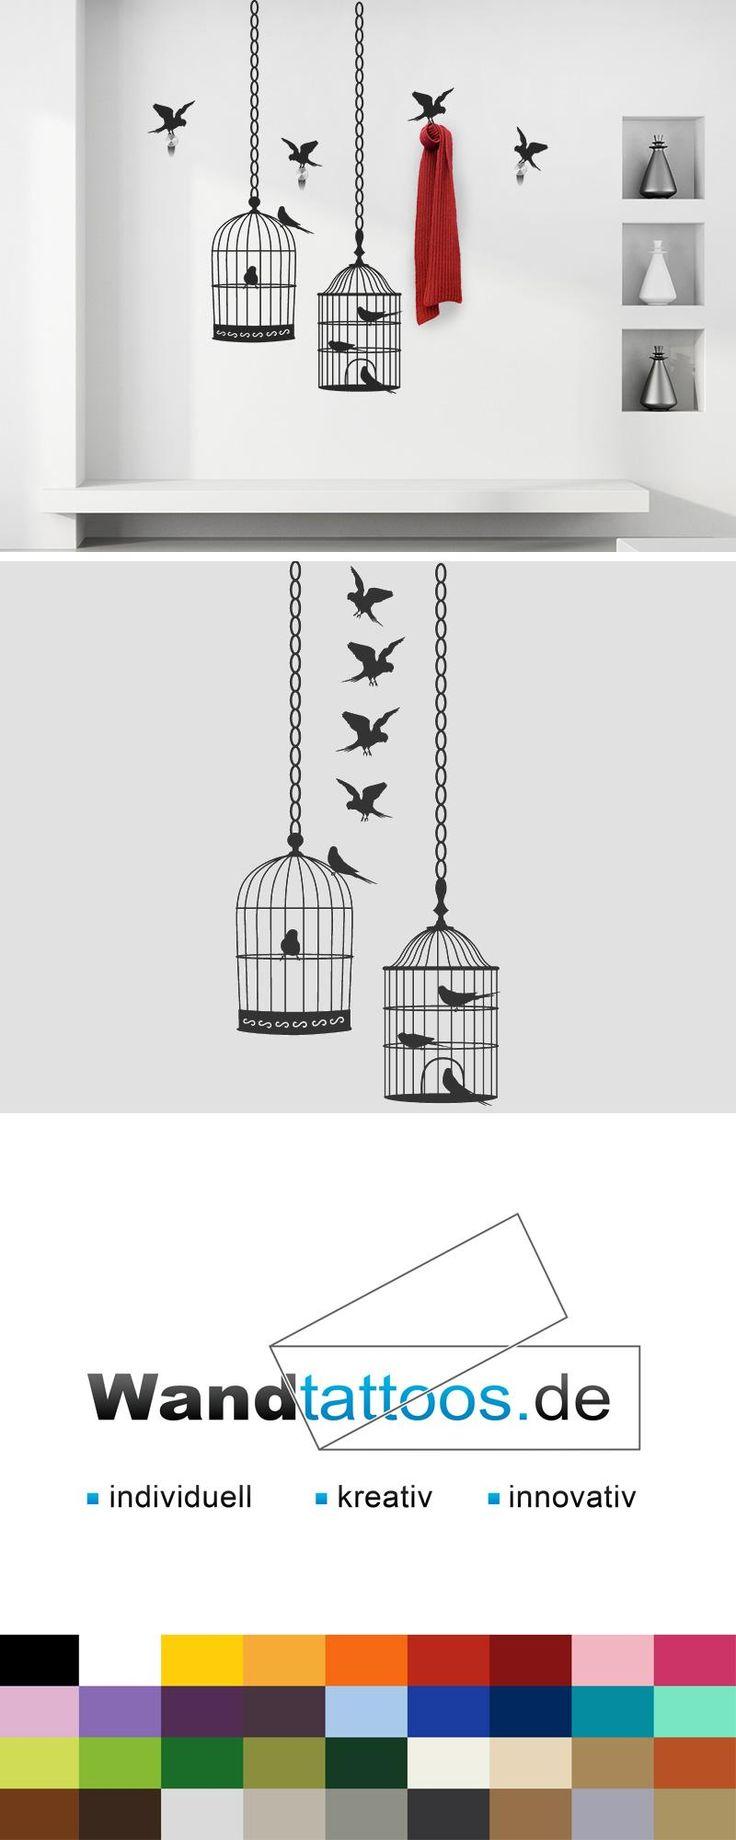 Wandtattoo Garderobe Vogelkäfige als Idee zur individuellen Wandgestaltung. Einfach Lieblingsfarbe und Größe auswählen. Weitere kreative Anregungen von Wandtattoos.de hier entdecken!